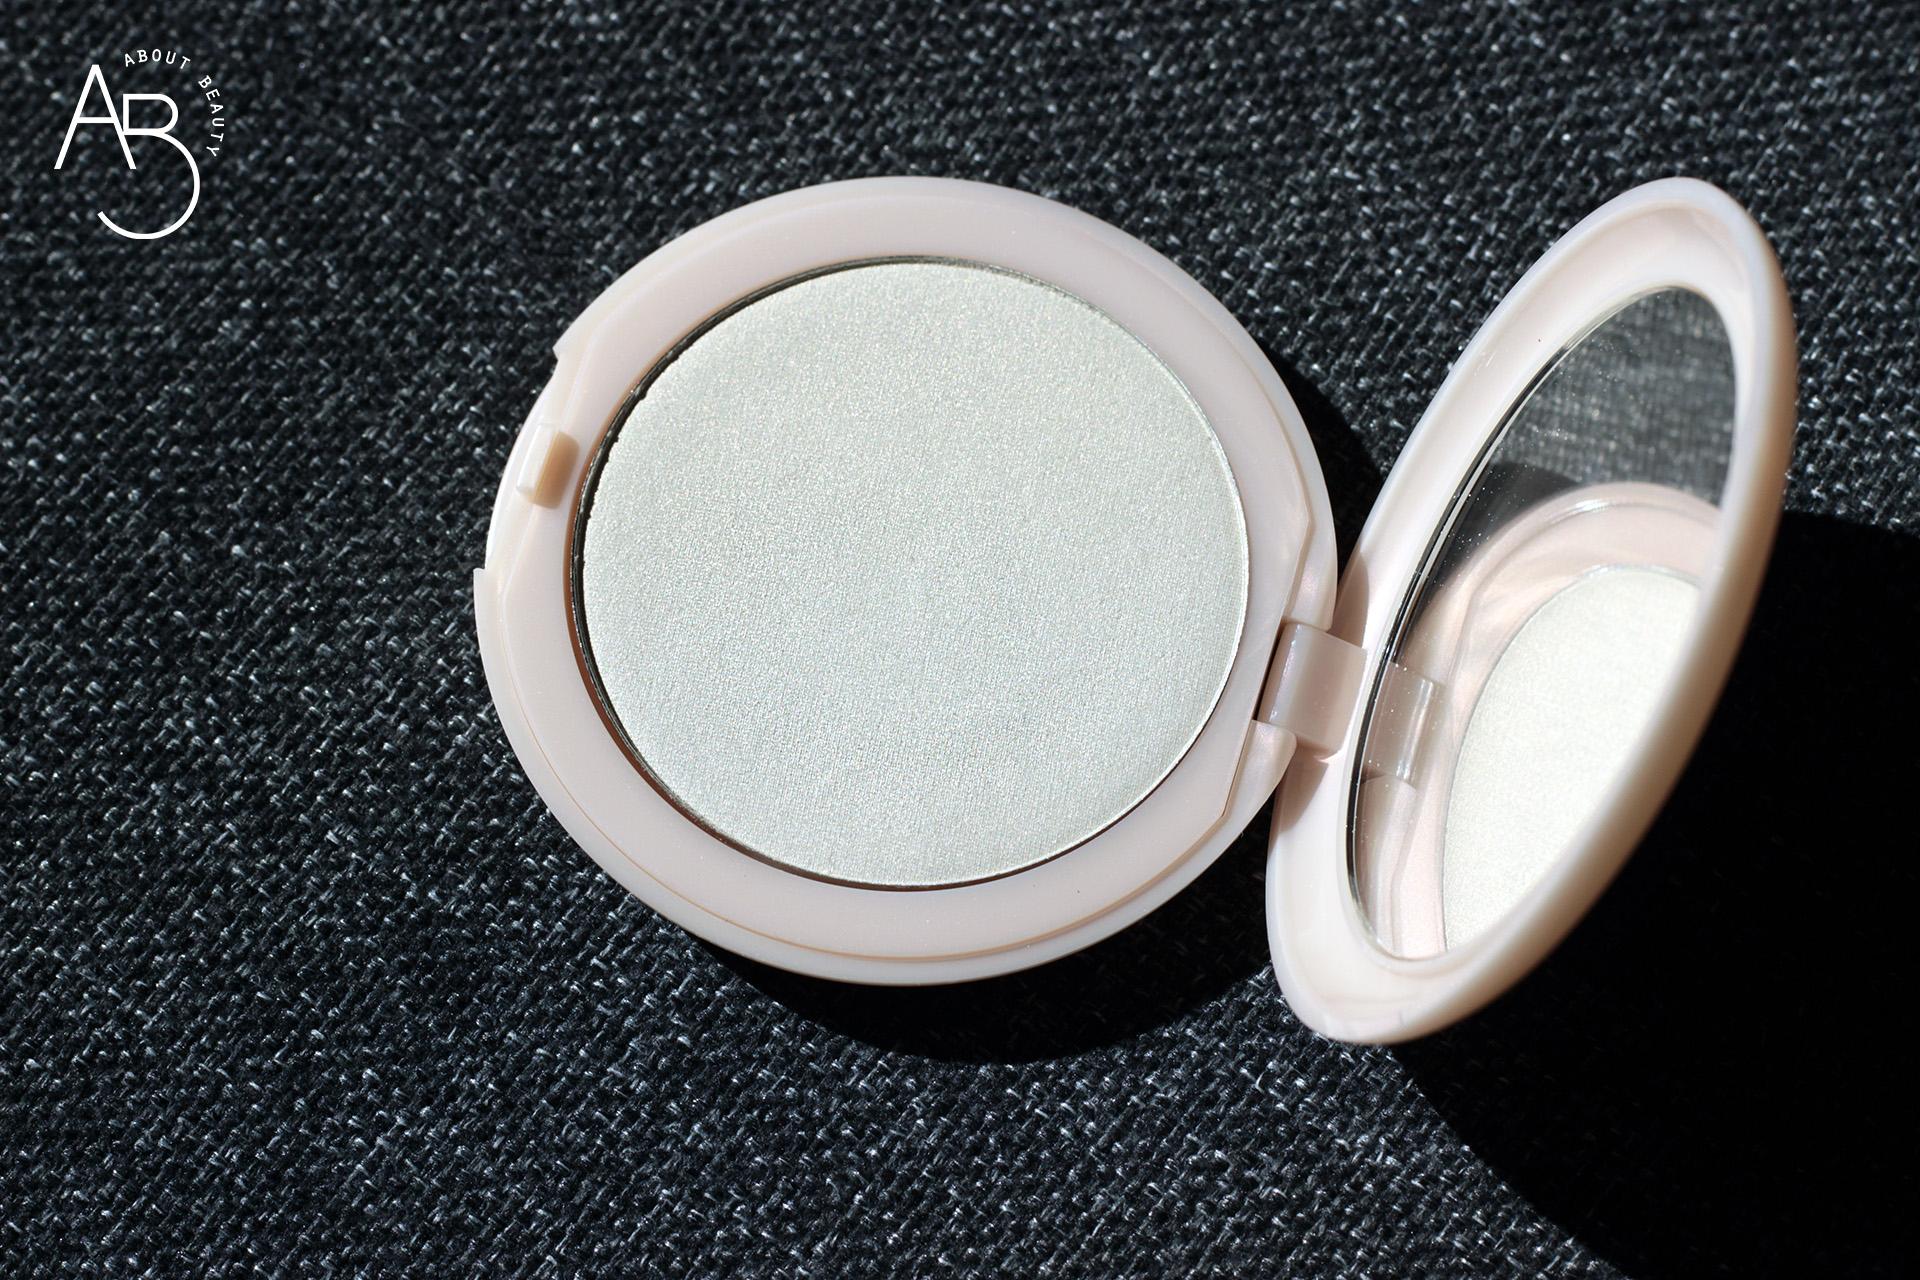 Neve Cosmetics Glass Glow cipria illuminante Flat Perfection - review recensione info codice sconto prezzo swatch